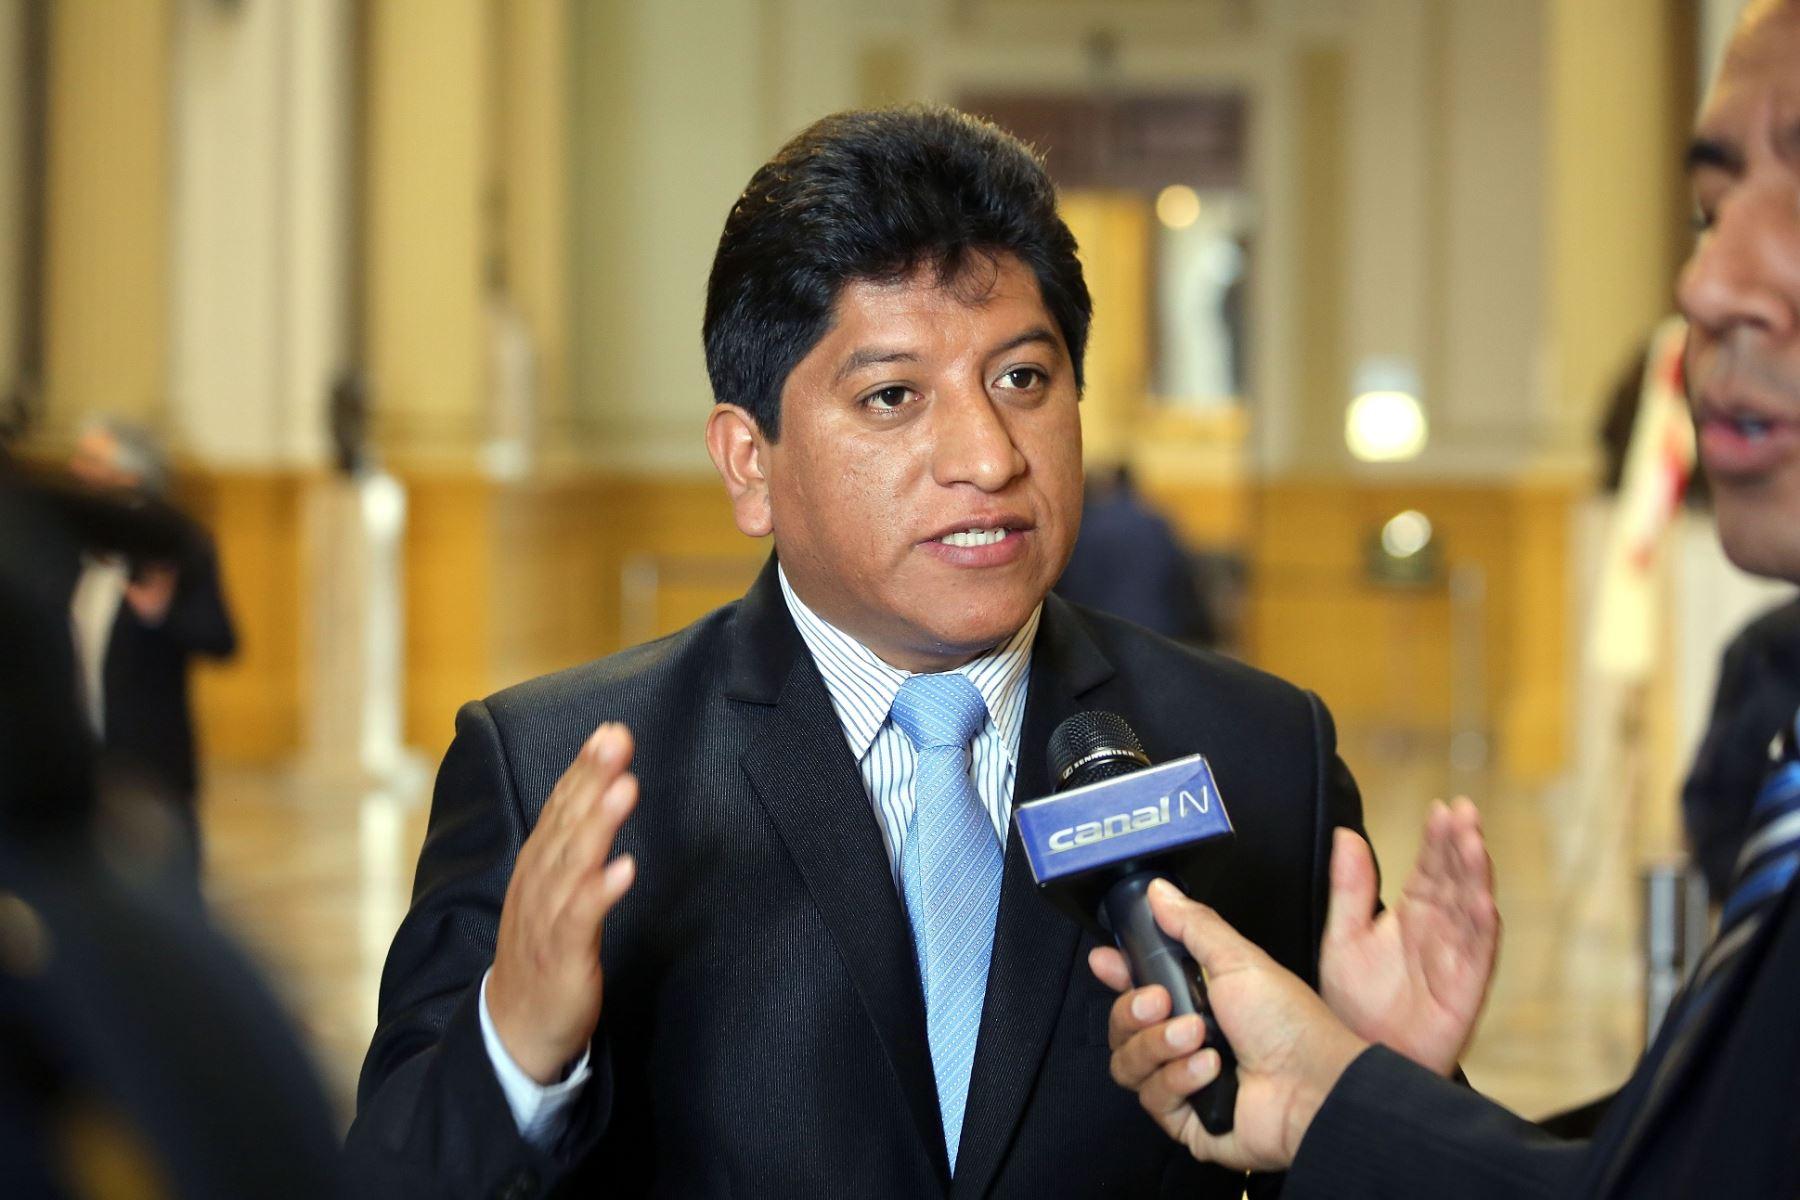 ANDINA/Difusión El vocero de la bancada Nacionalista Gana Perú se manifestó en contra de la anunciada moción de interpelación contra el ministro de Justicia.